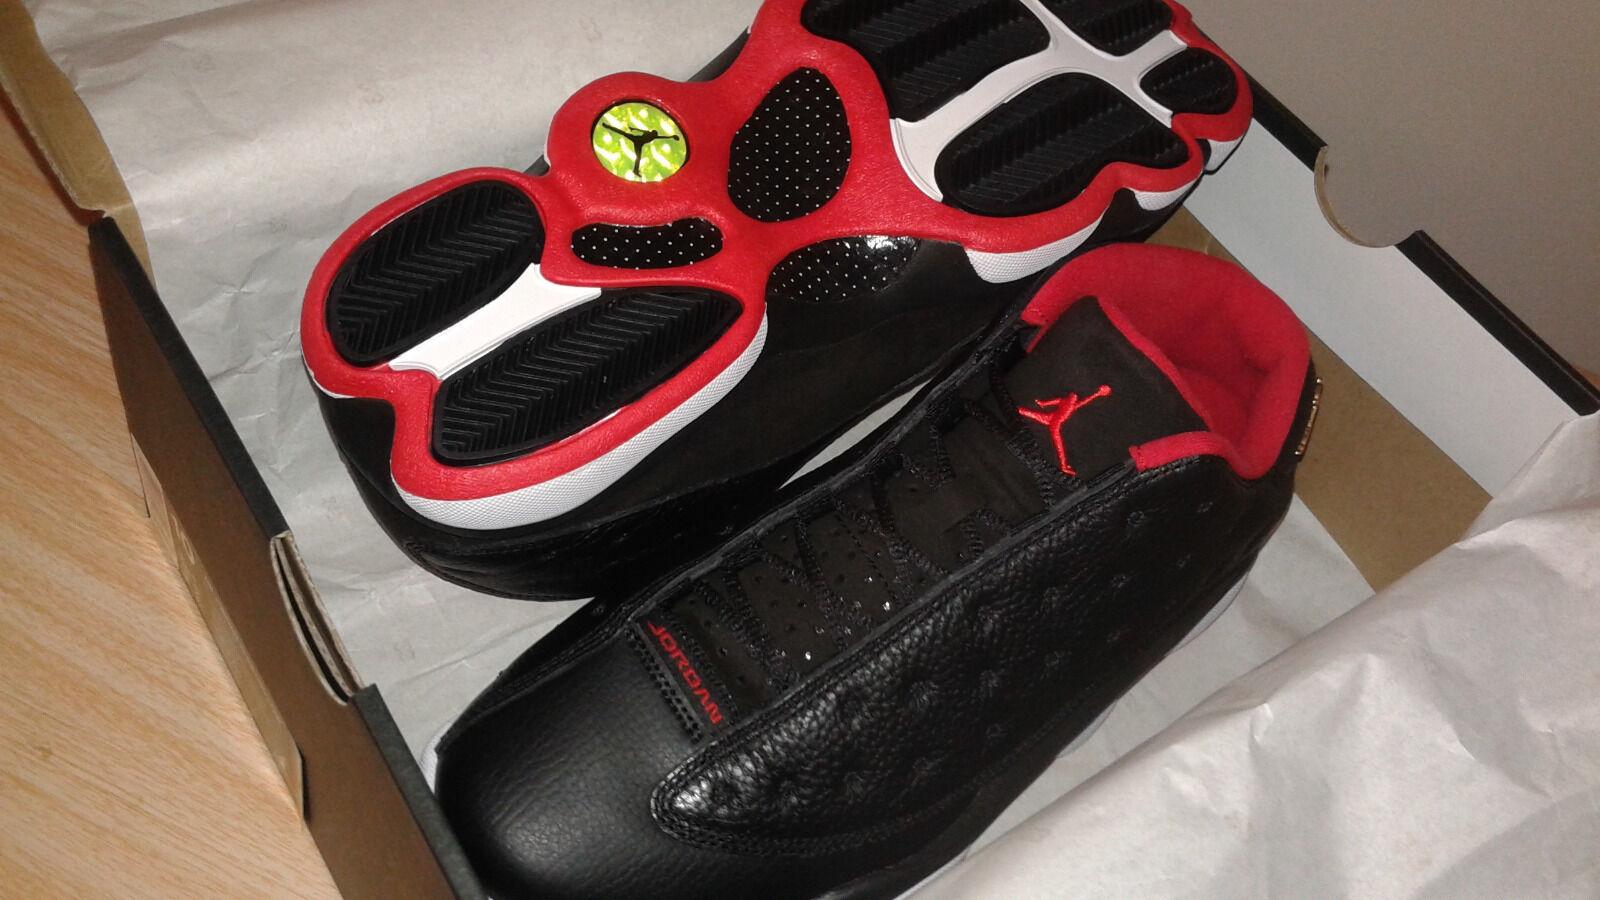 Jordan 13 retro low Bred Mens Size 10 US